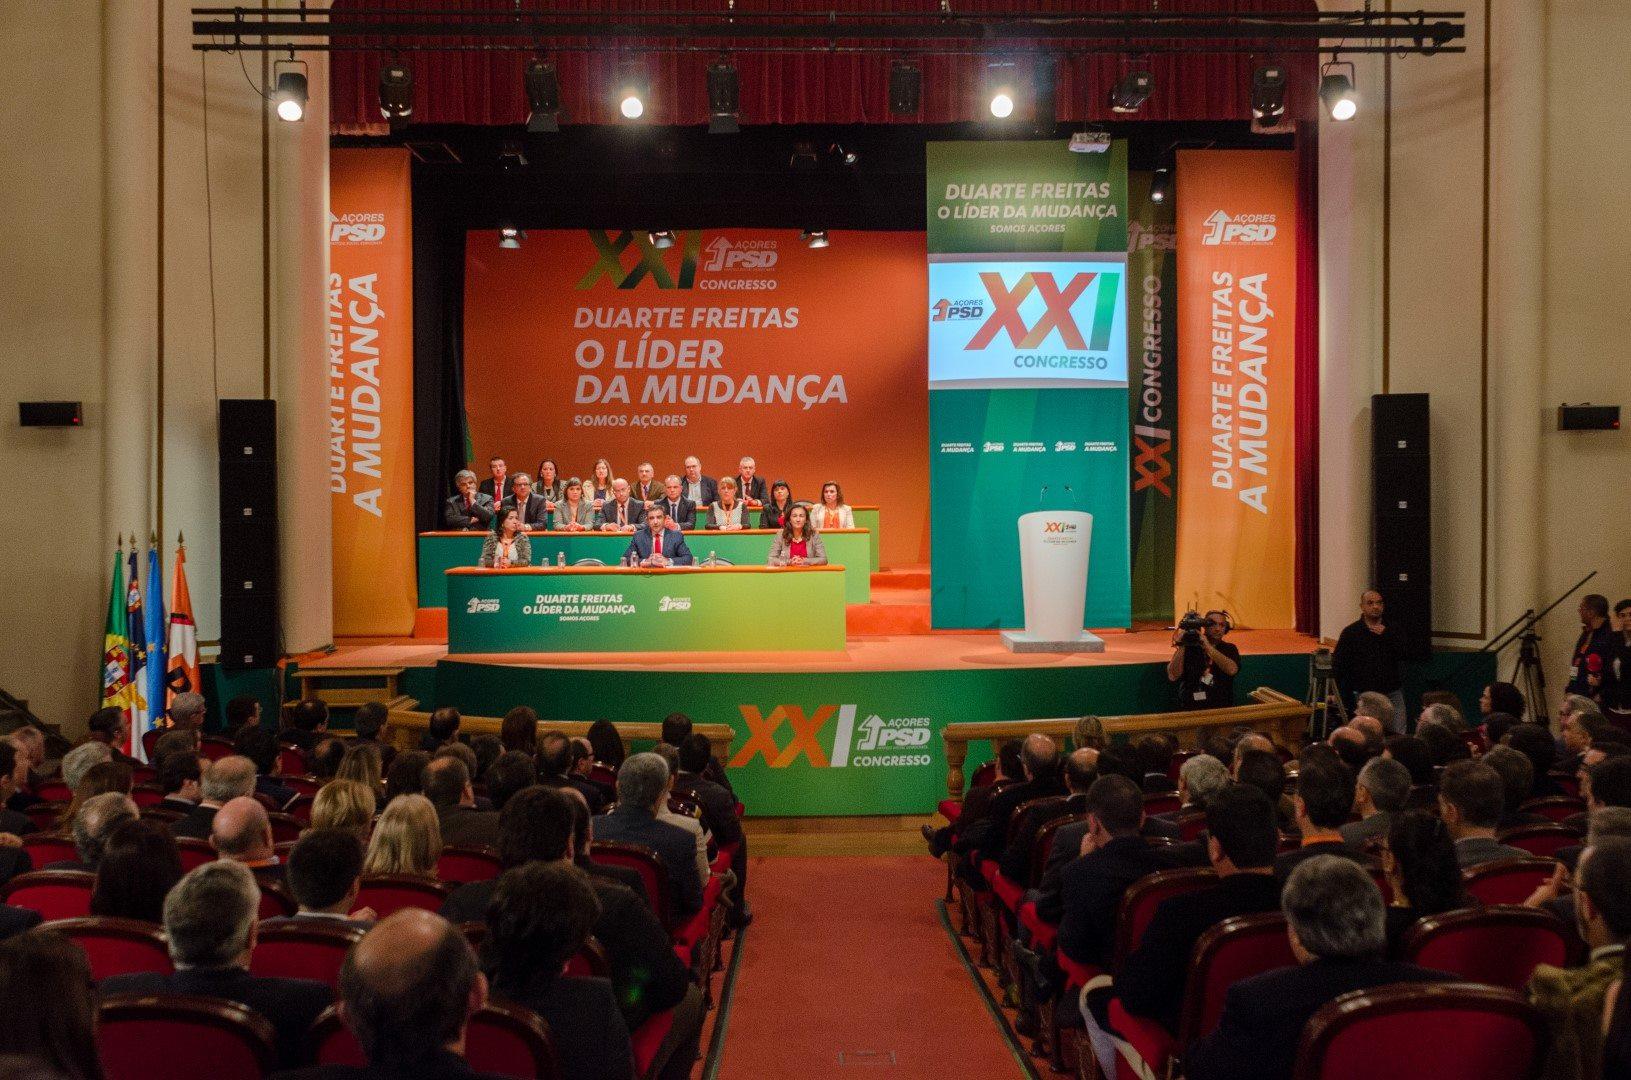 Social-democratas jorgenses participam no XXI Congresso do PSD Açores (c/áudio)